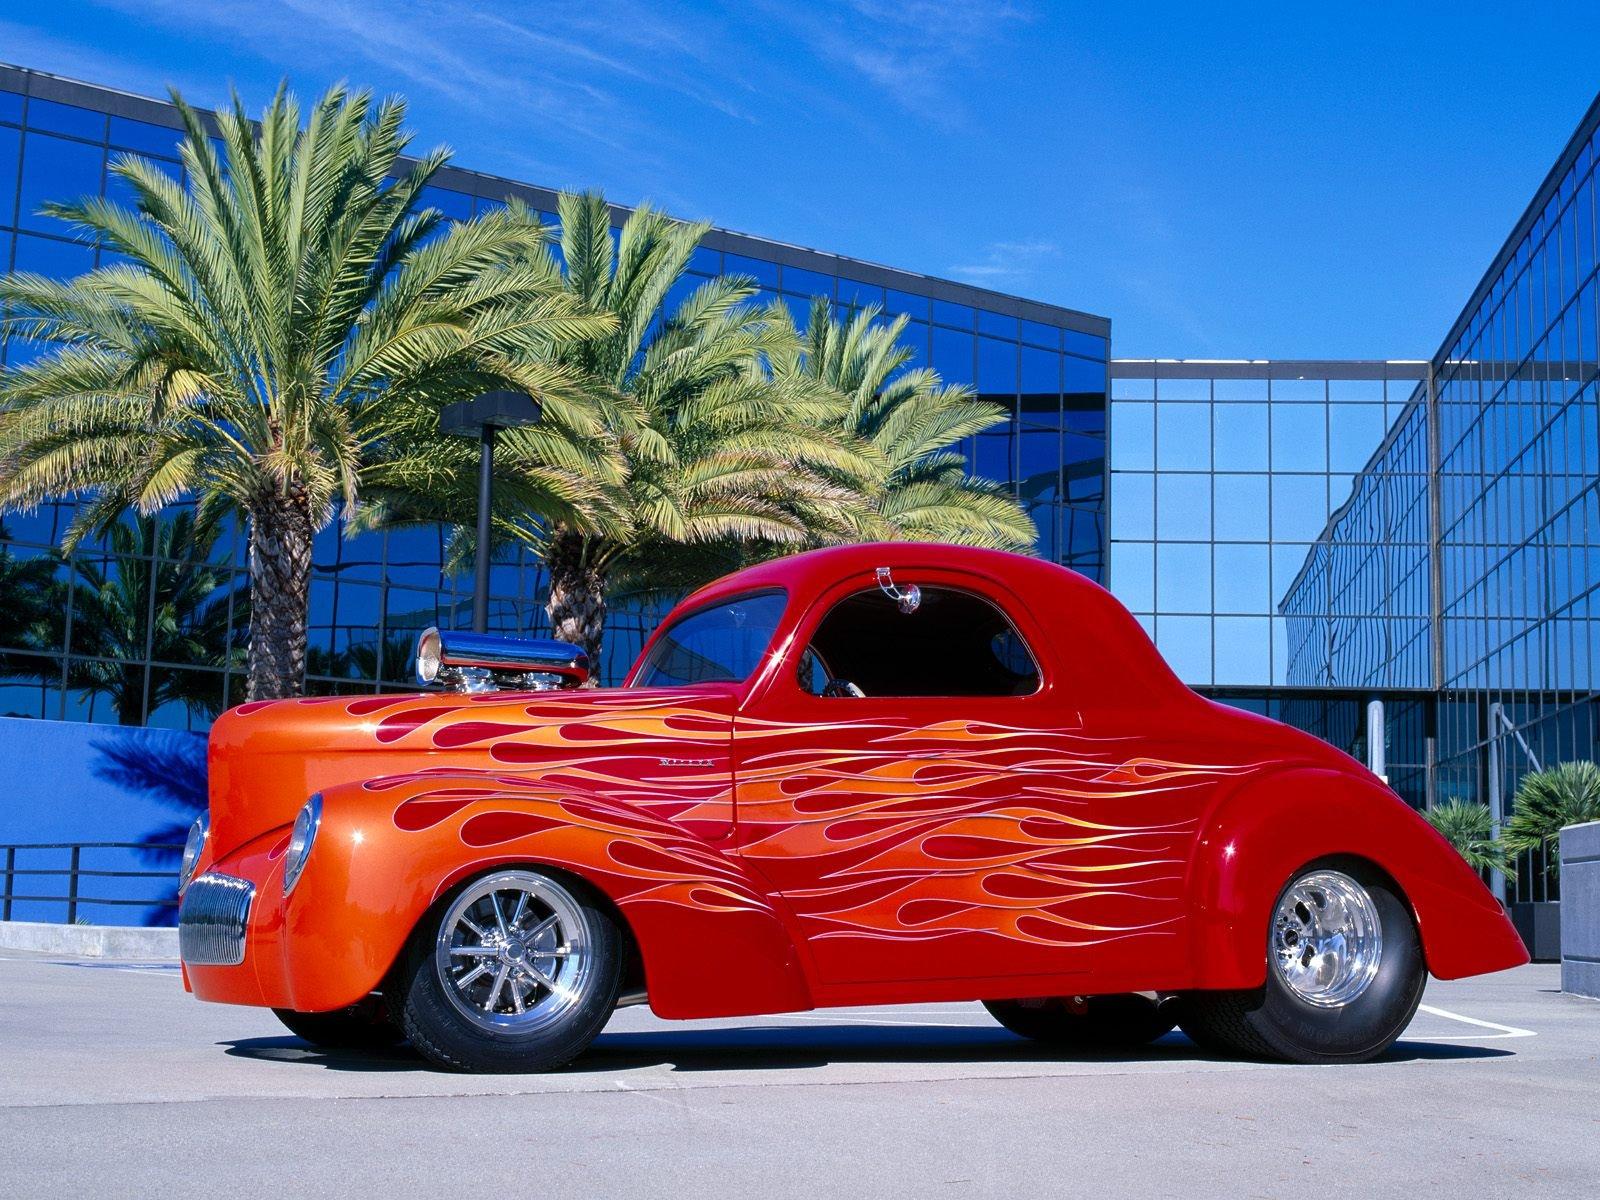 Imagenes De Autos Copados Hd: FONDOS COPADOS: FONDO DE PANTALLA DE AUTO TUNNING